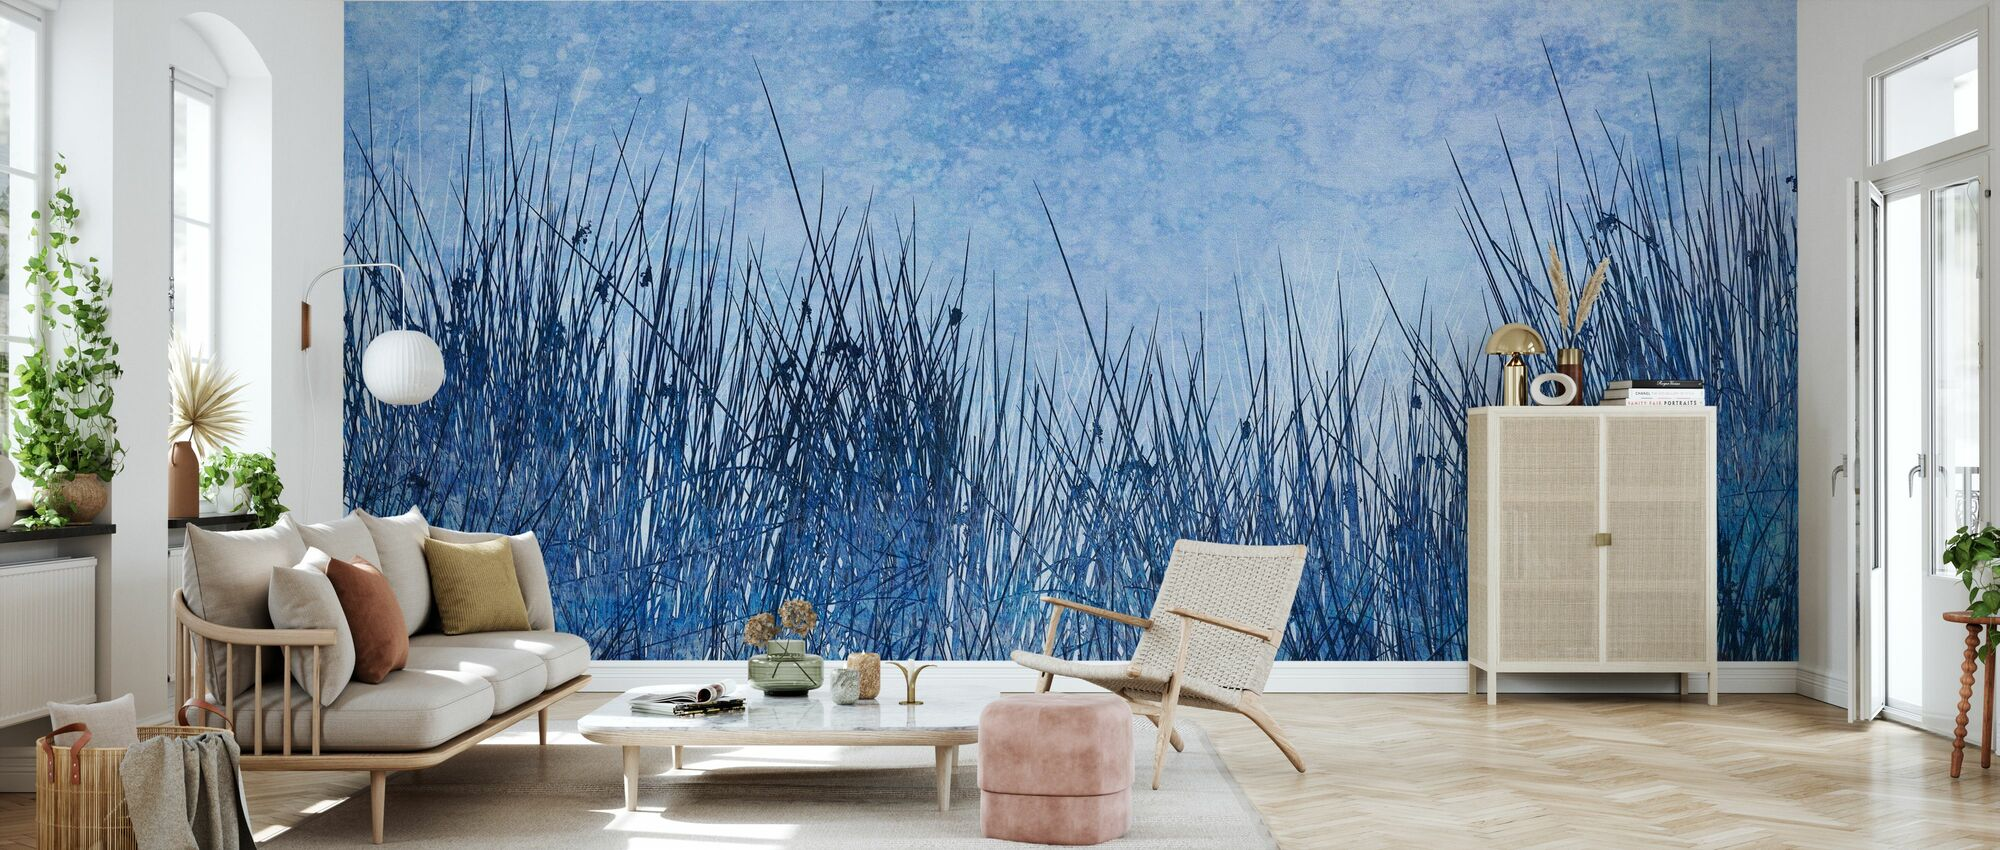 Blå Gress Silhouette - Tapet - Stue